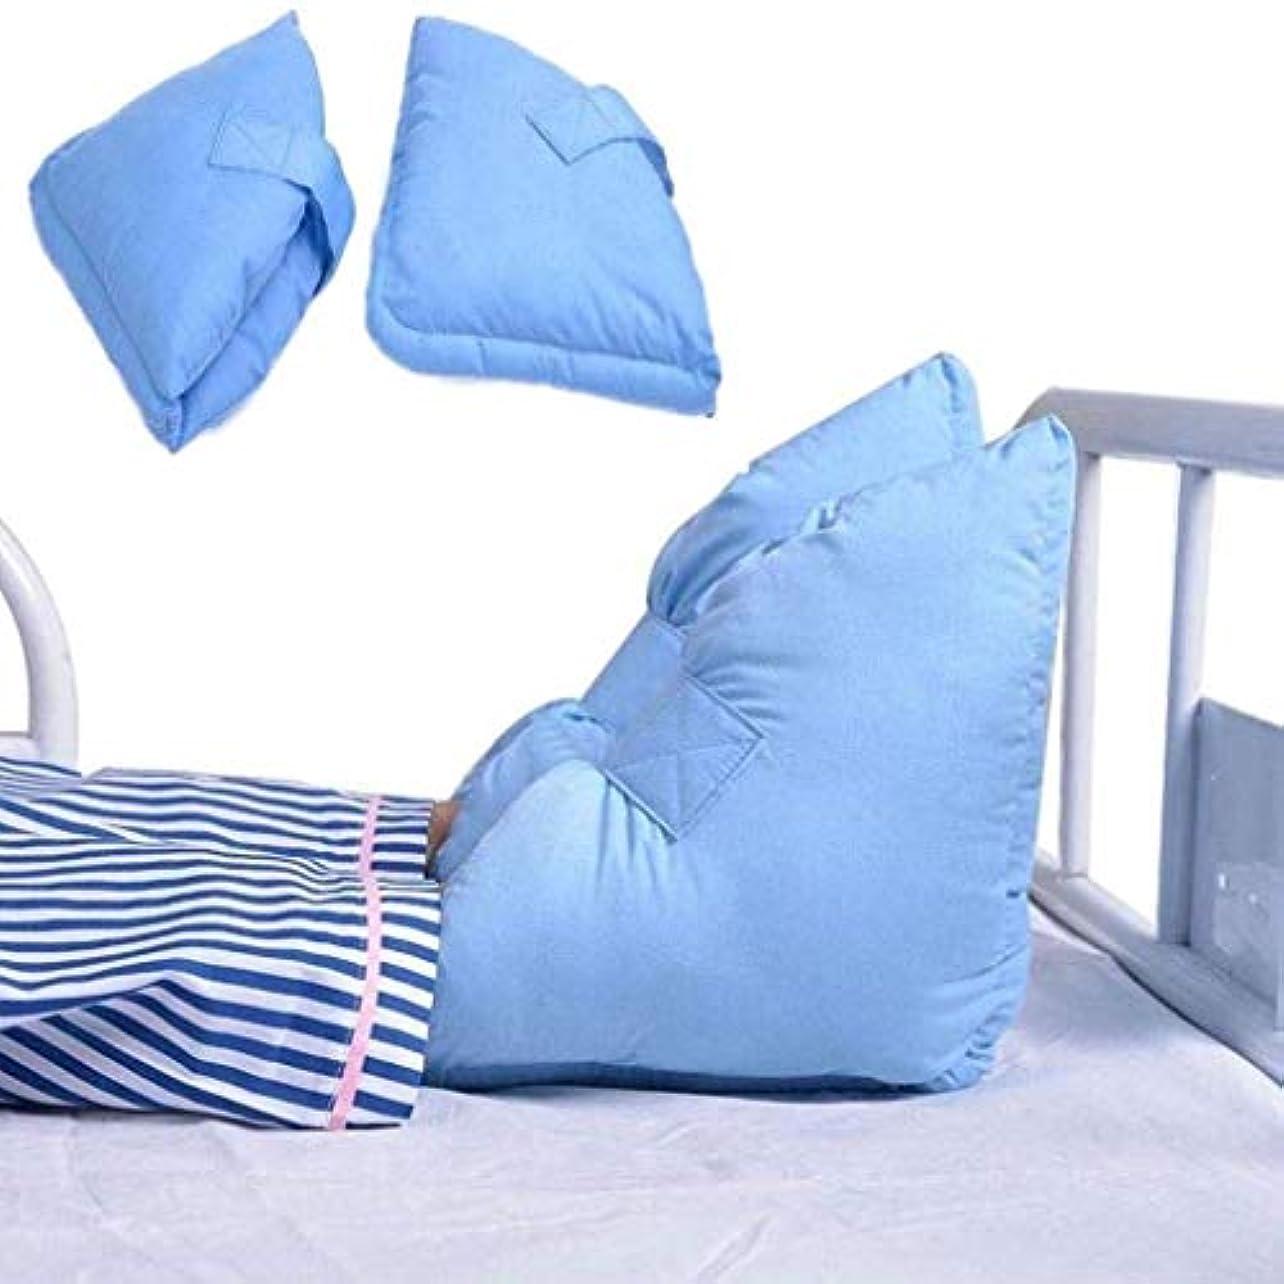 飛ぶスロベニア一般的に言えばTONGSH かかと足首足保護具、圧力緩和のためのポリエステル/綿カバー付き保護枕クッション、ワンサイズフィット、ほとんどの場合、ライトブルー、1ペア